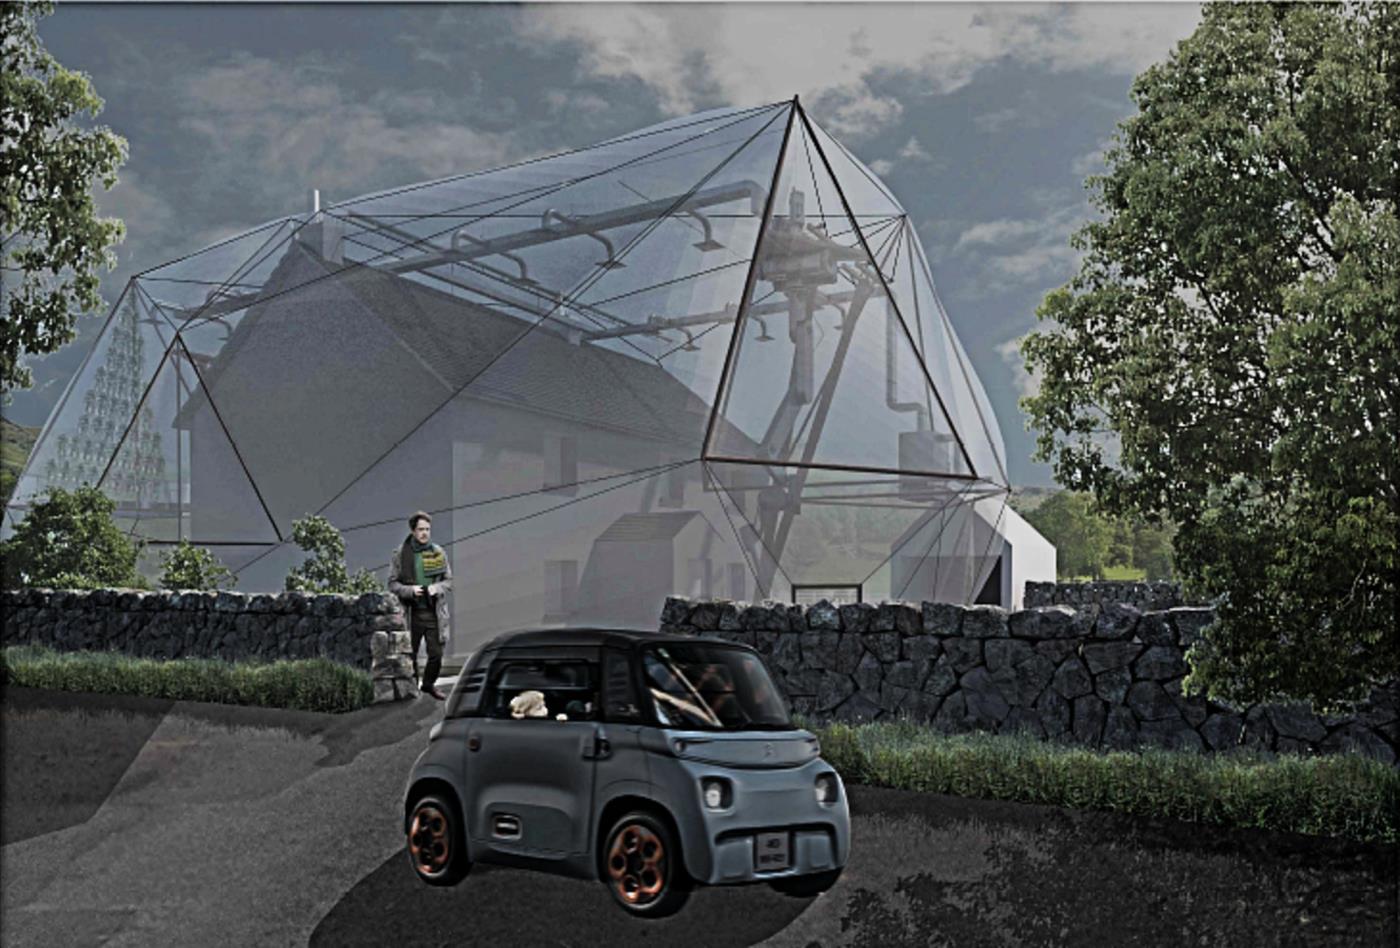 Smart Grid: Architecture in an Autonomous Landscape